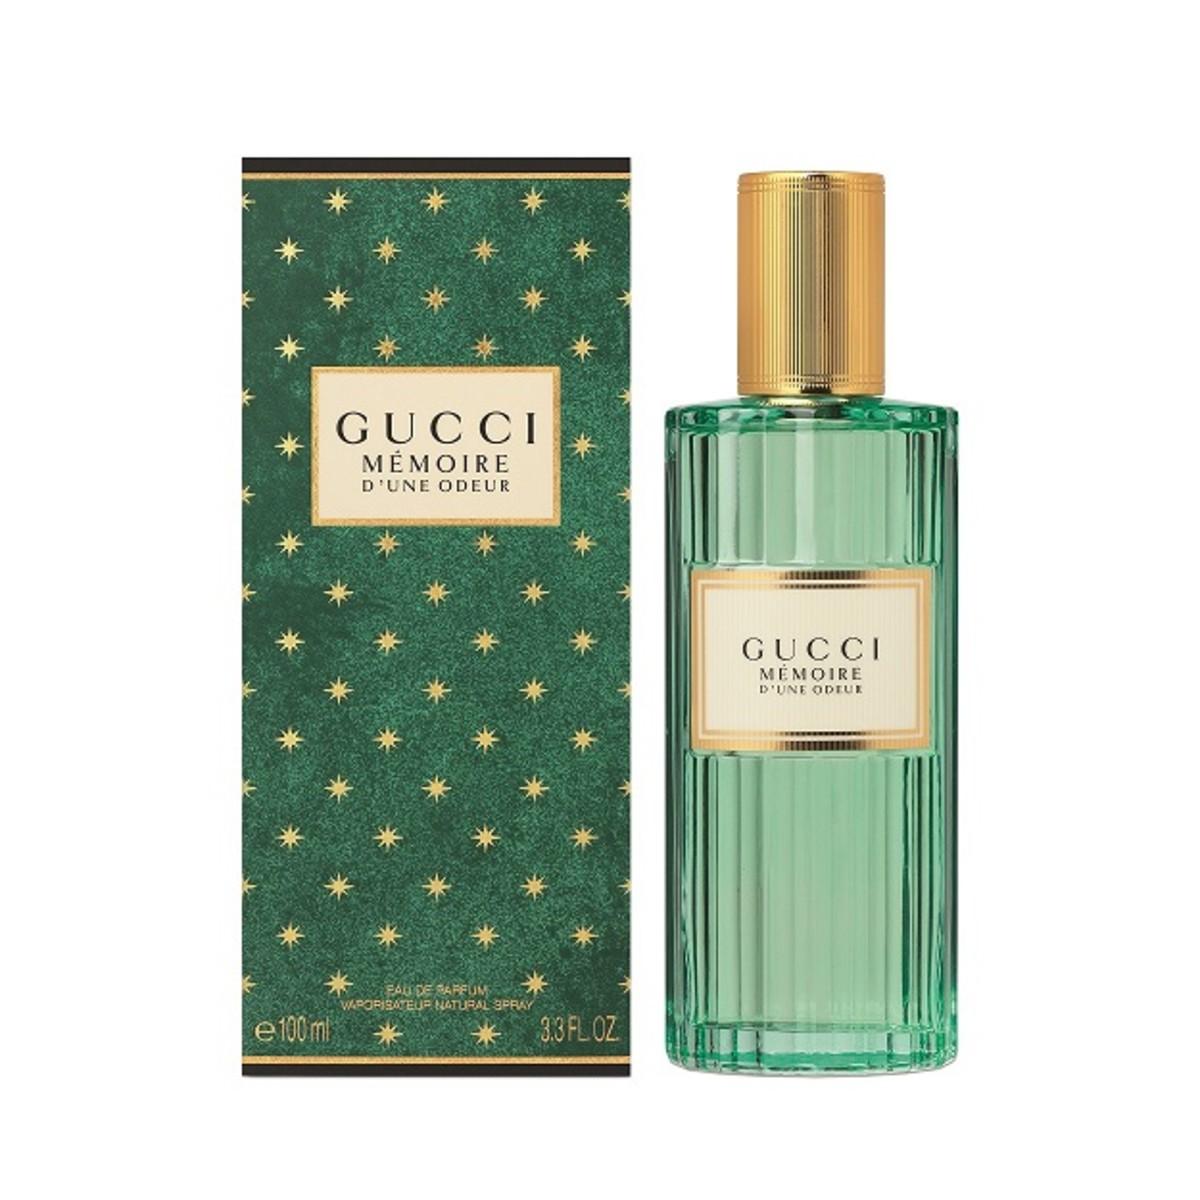 Gucci Mémoire d'une Odeur. Photo: Courtesy